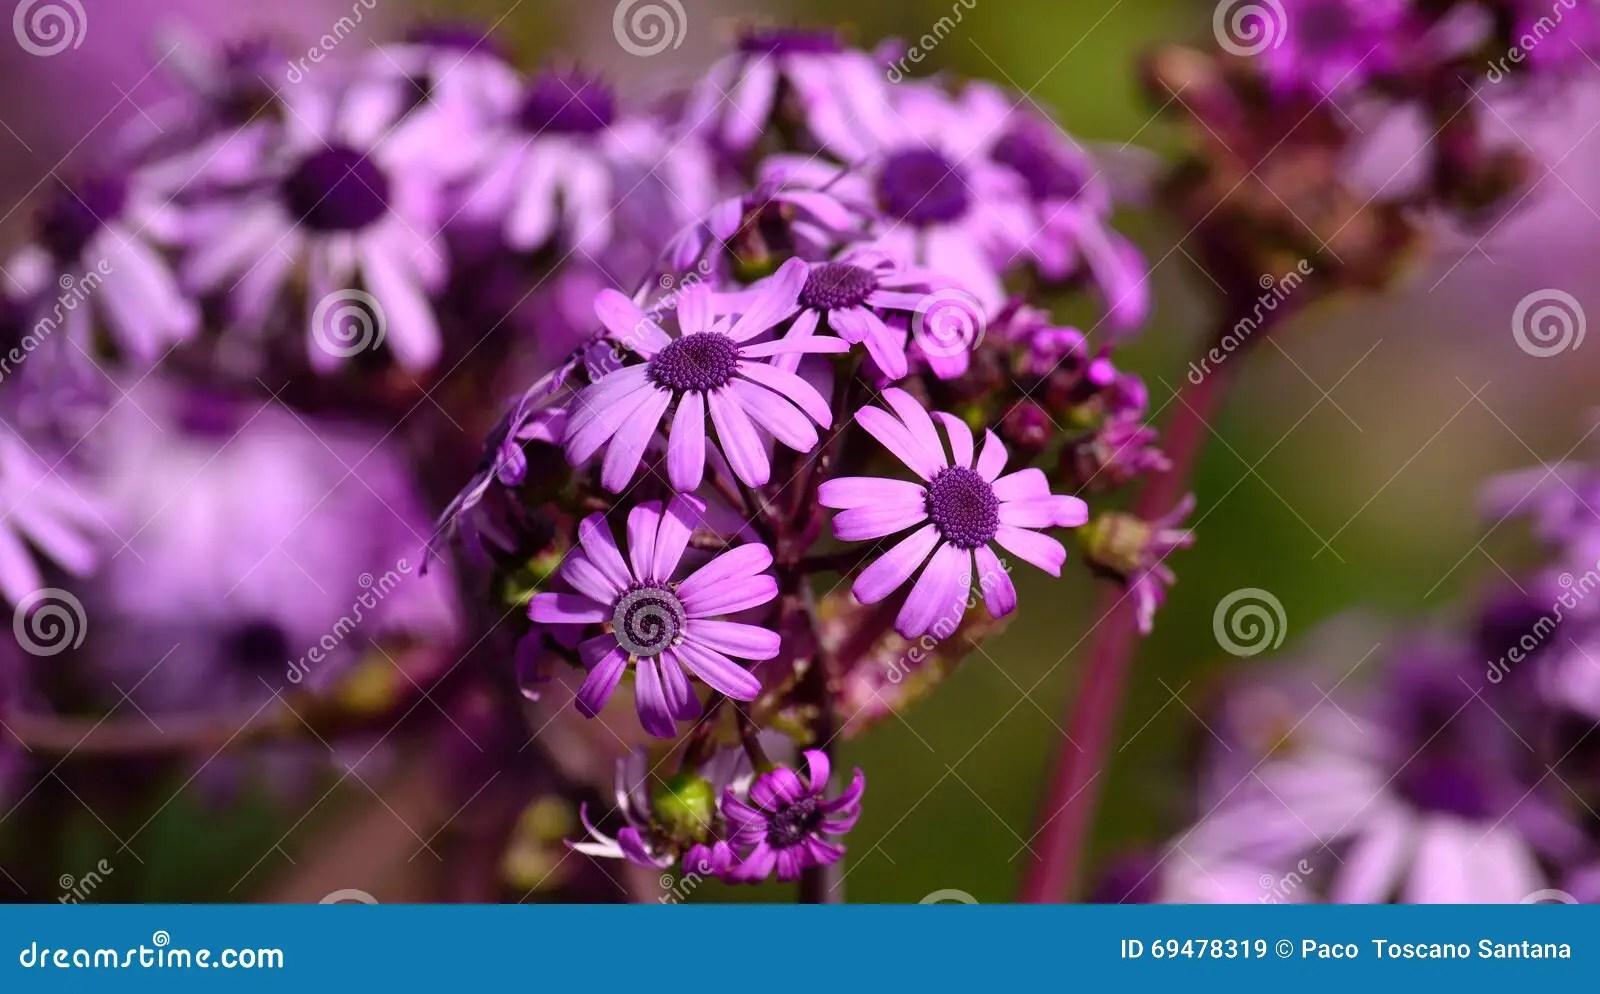 Welche Blumen Im Juli Pflanzen welche blumen kann man